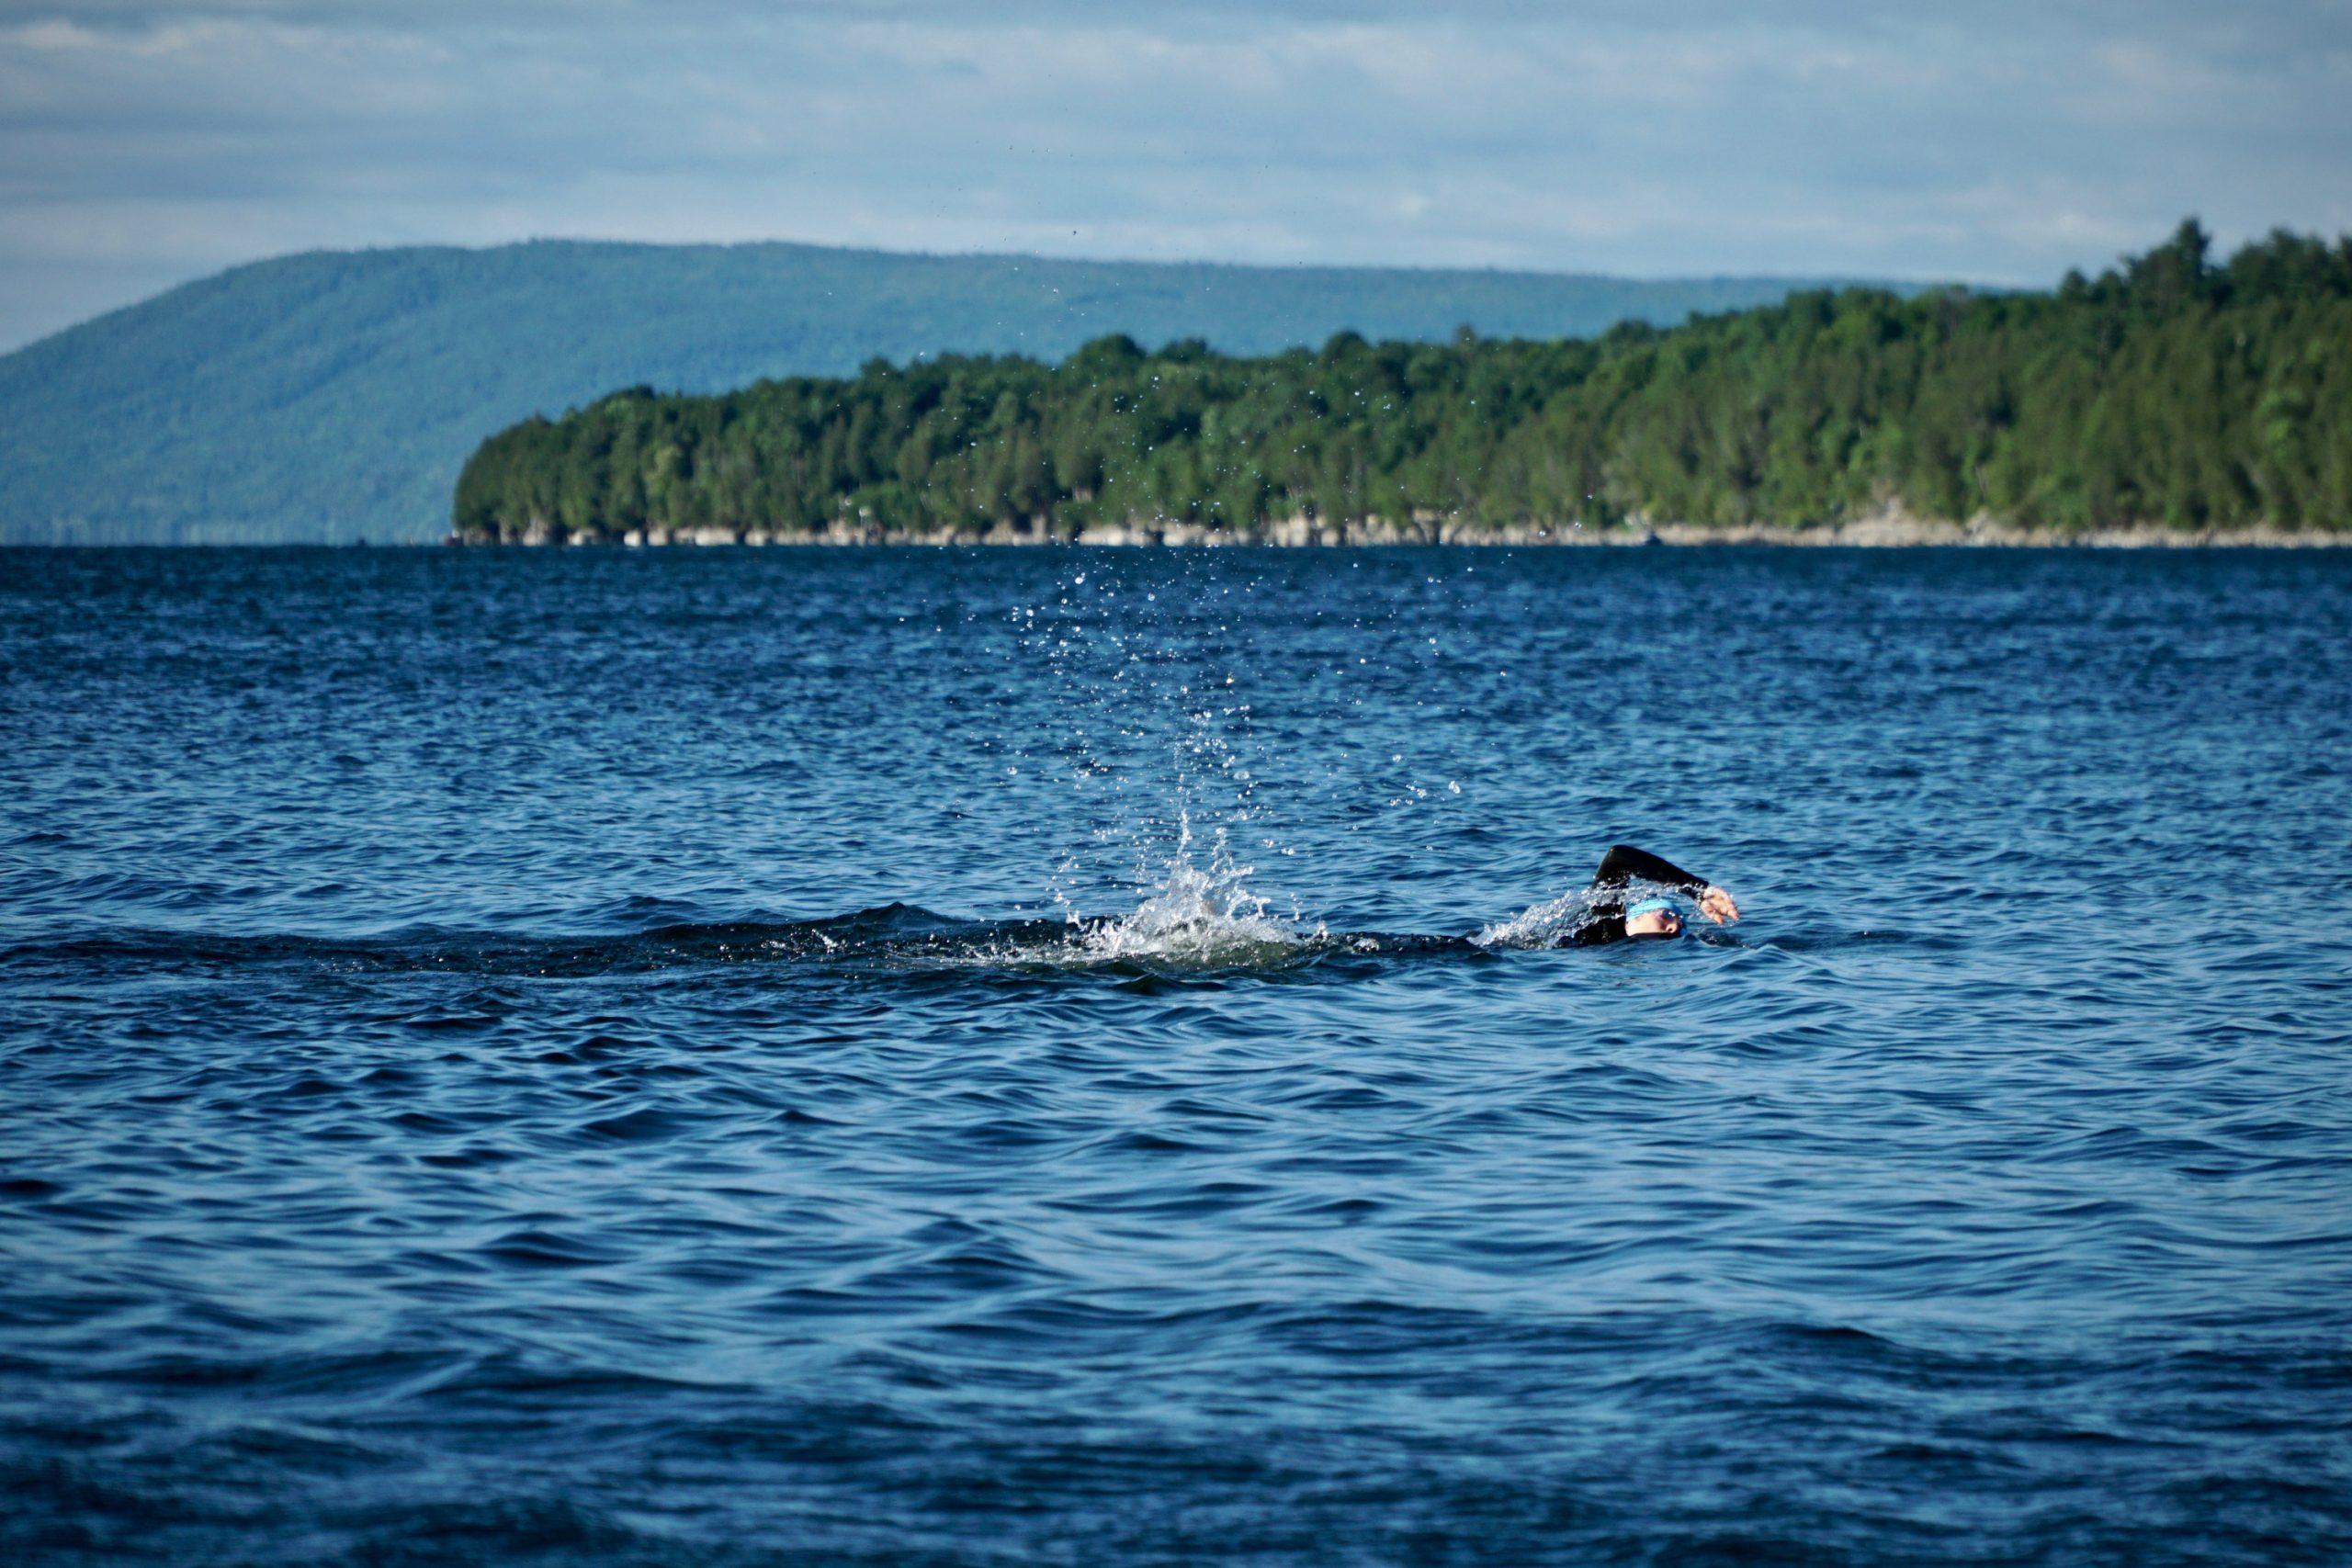 nuoto in acque libere, la rotta